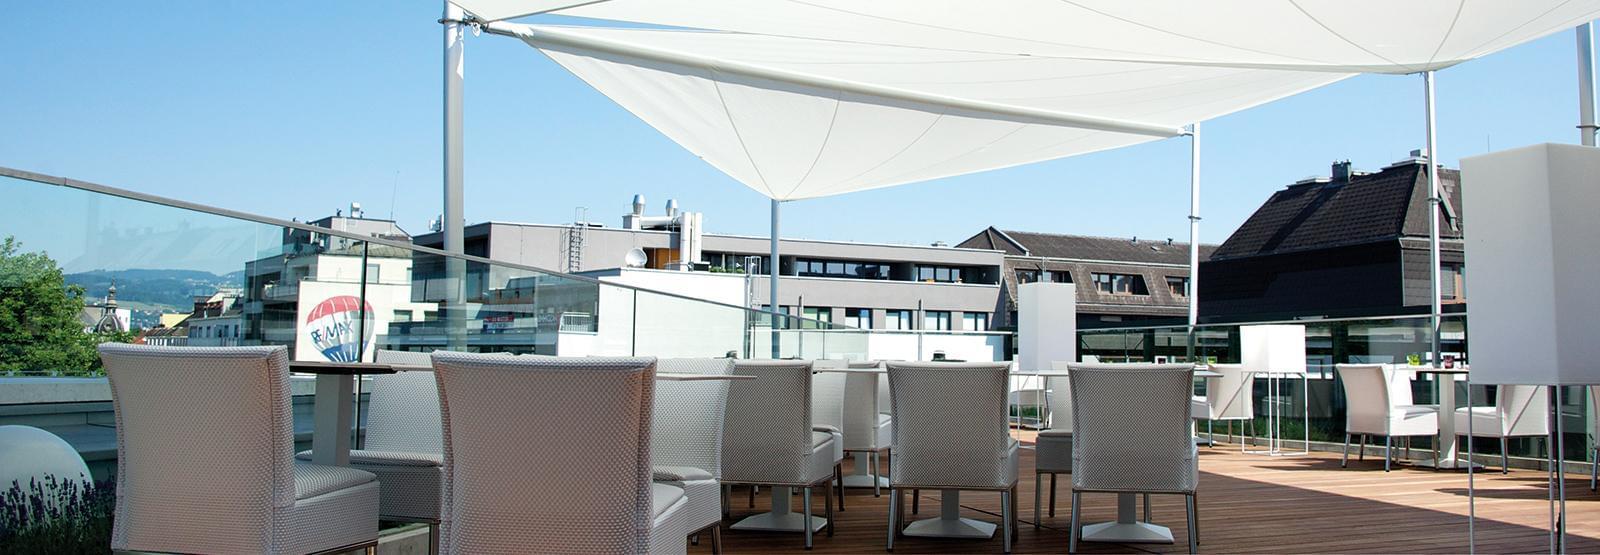 Sonnensegel f r den perfekten sonnenschutz direkt vom for Sonnensegel terrasse aufrollbar